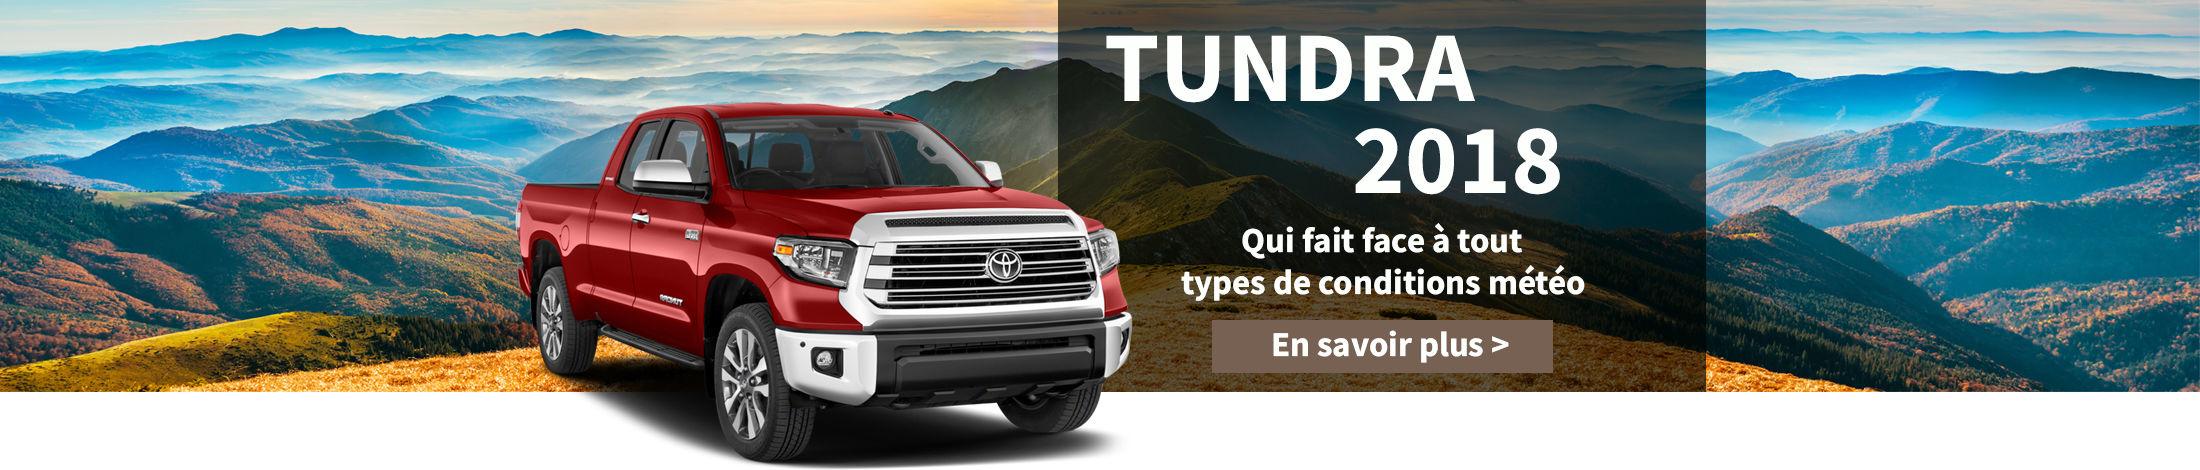 Tundra 2018